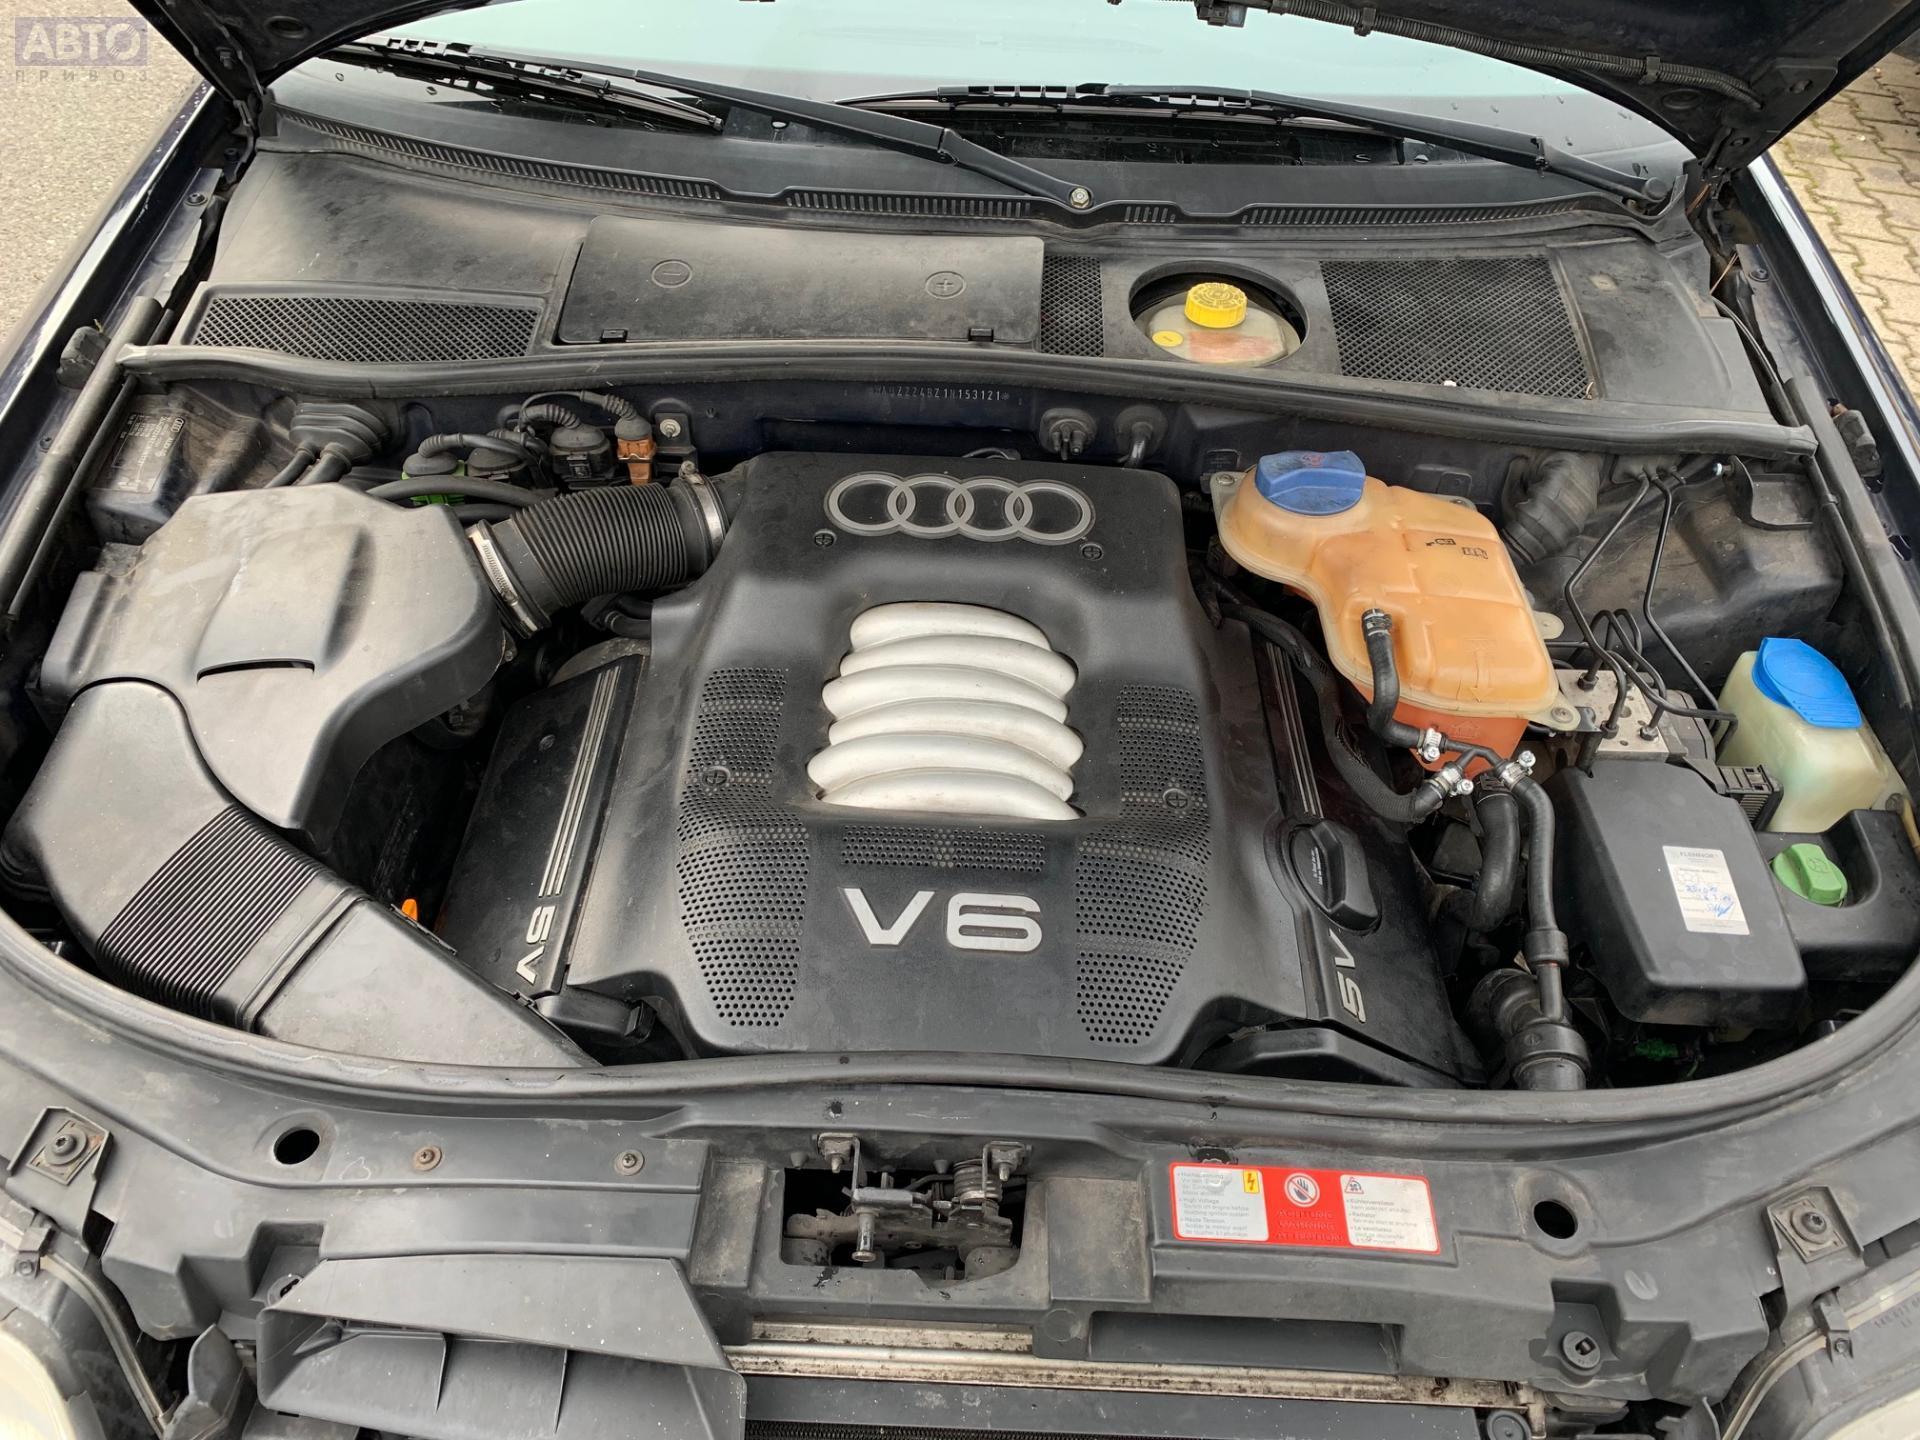 двигатель двс для Audi A6 C5 1997 2005 купить бу цены с